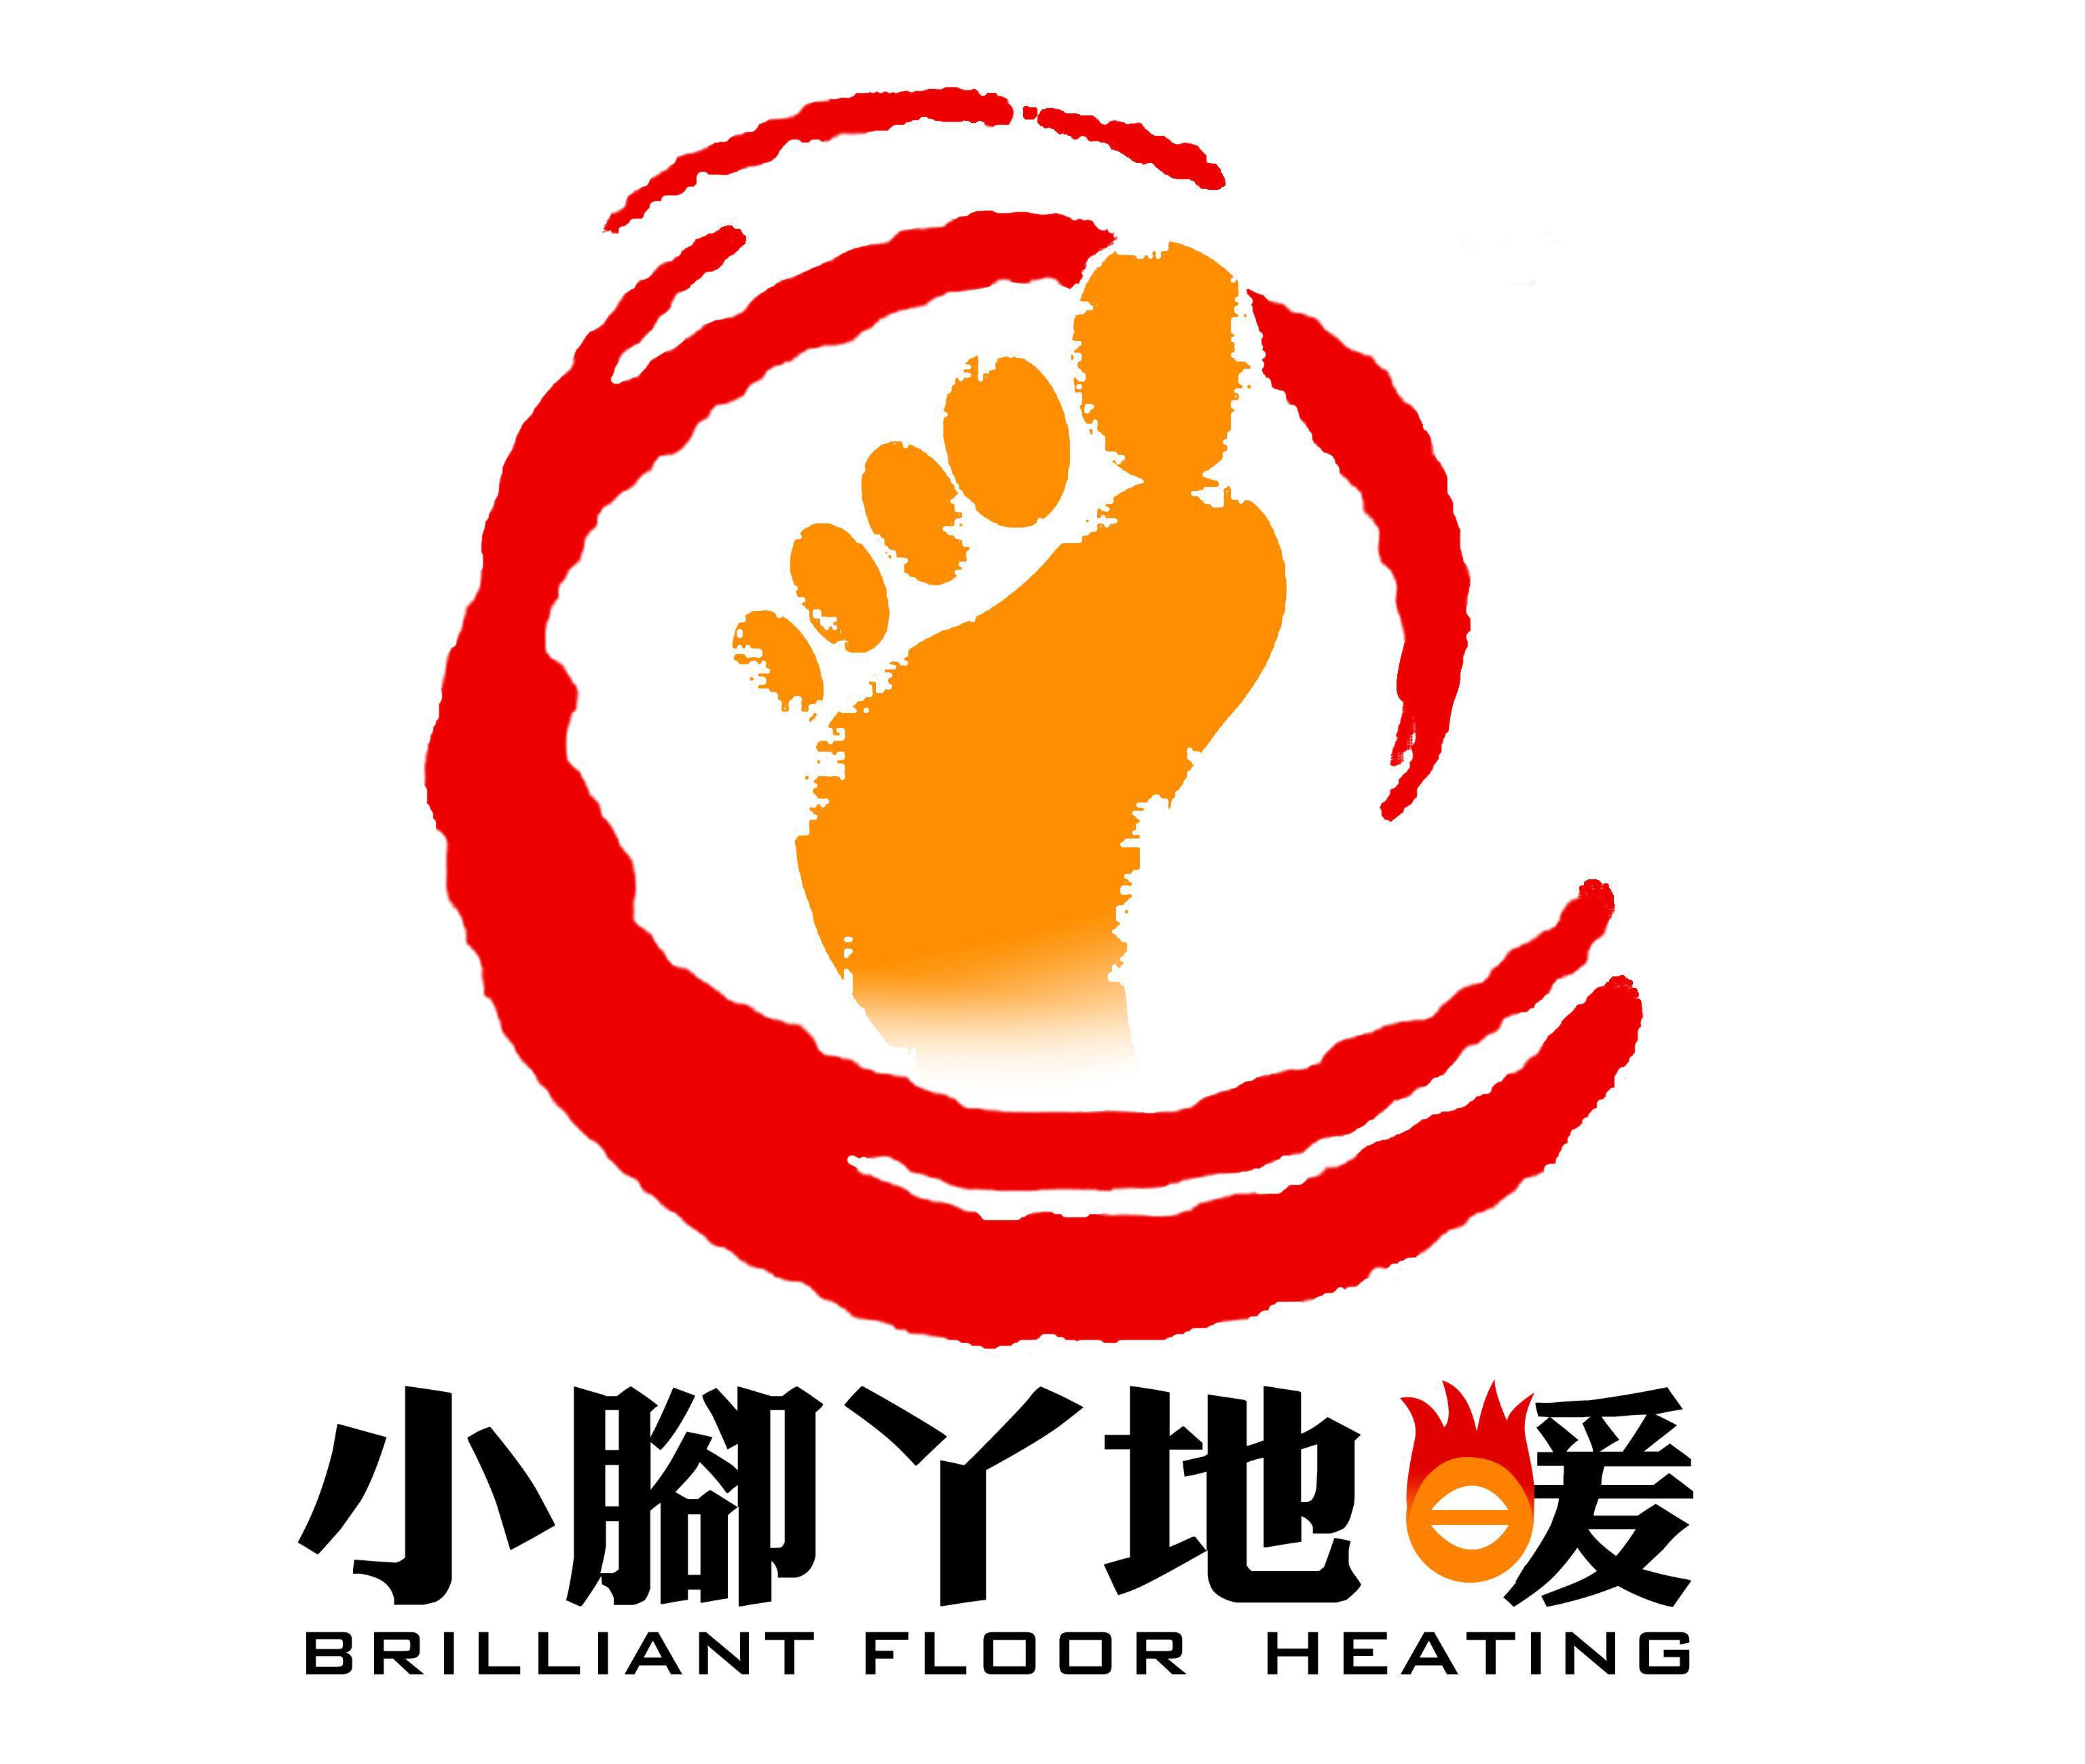 小脚丫地暖 北京宝瑞林科贸有限公司小脚丫地板采暖